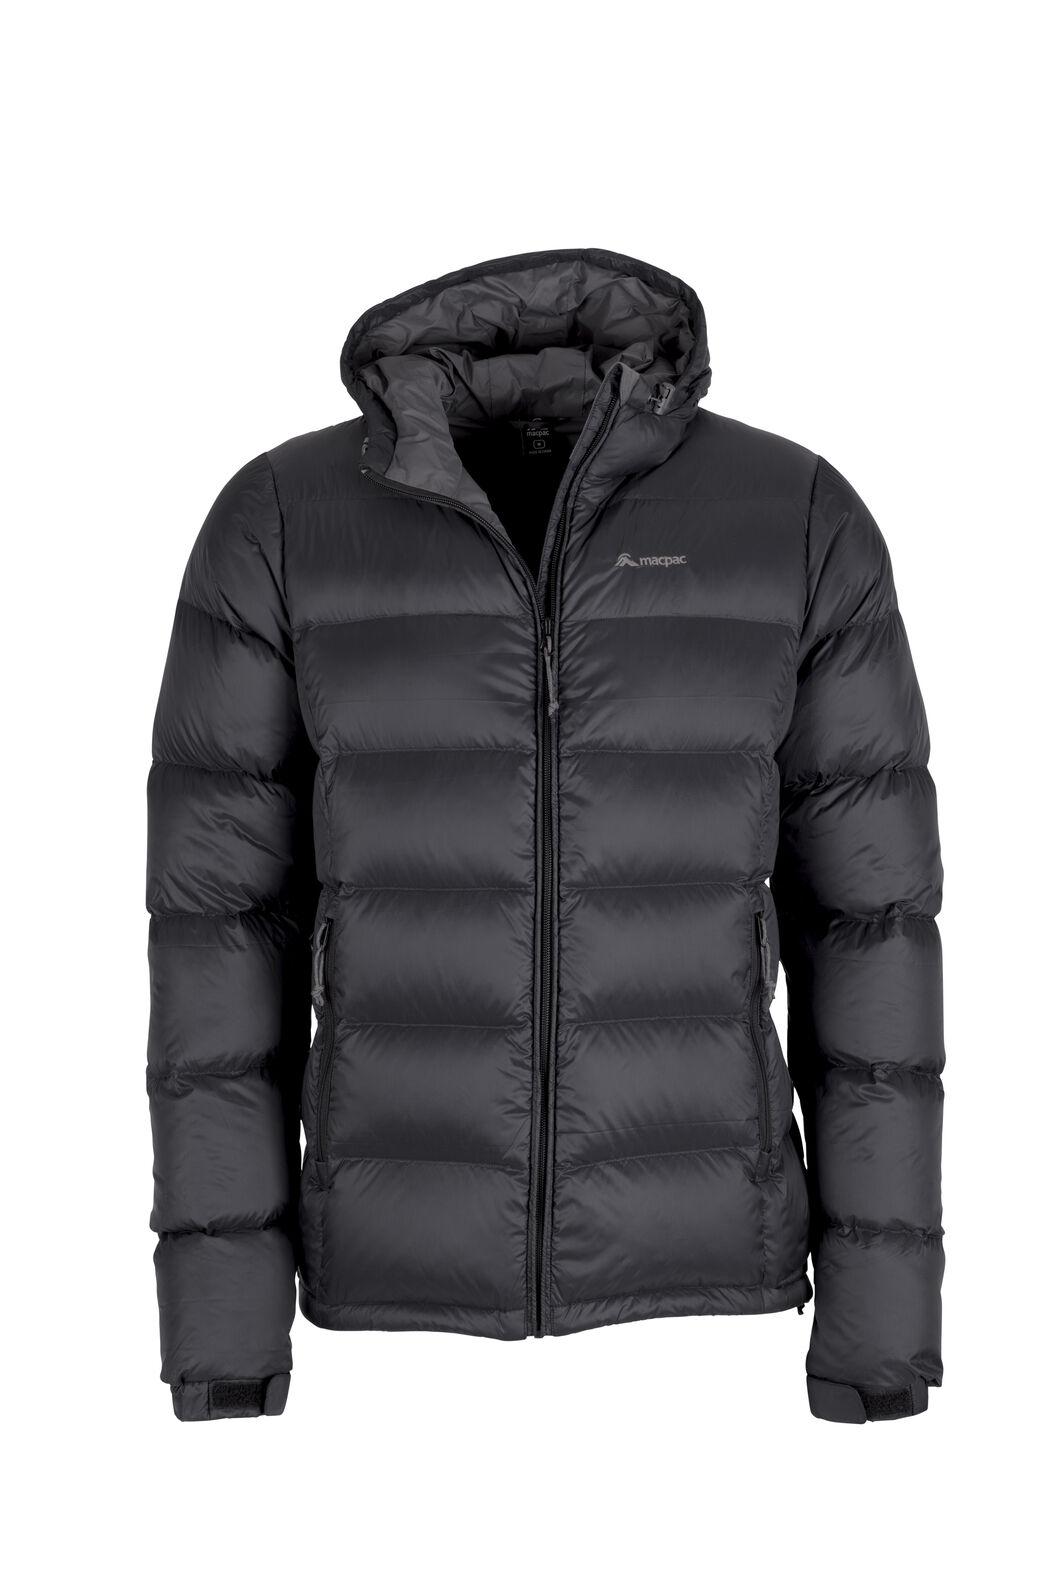 Macpac Halo Hooded Down Jacket — Men's, Black, hi-res